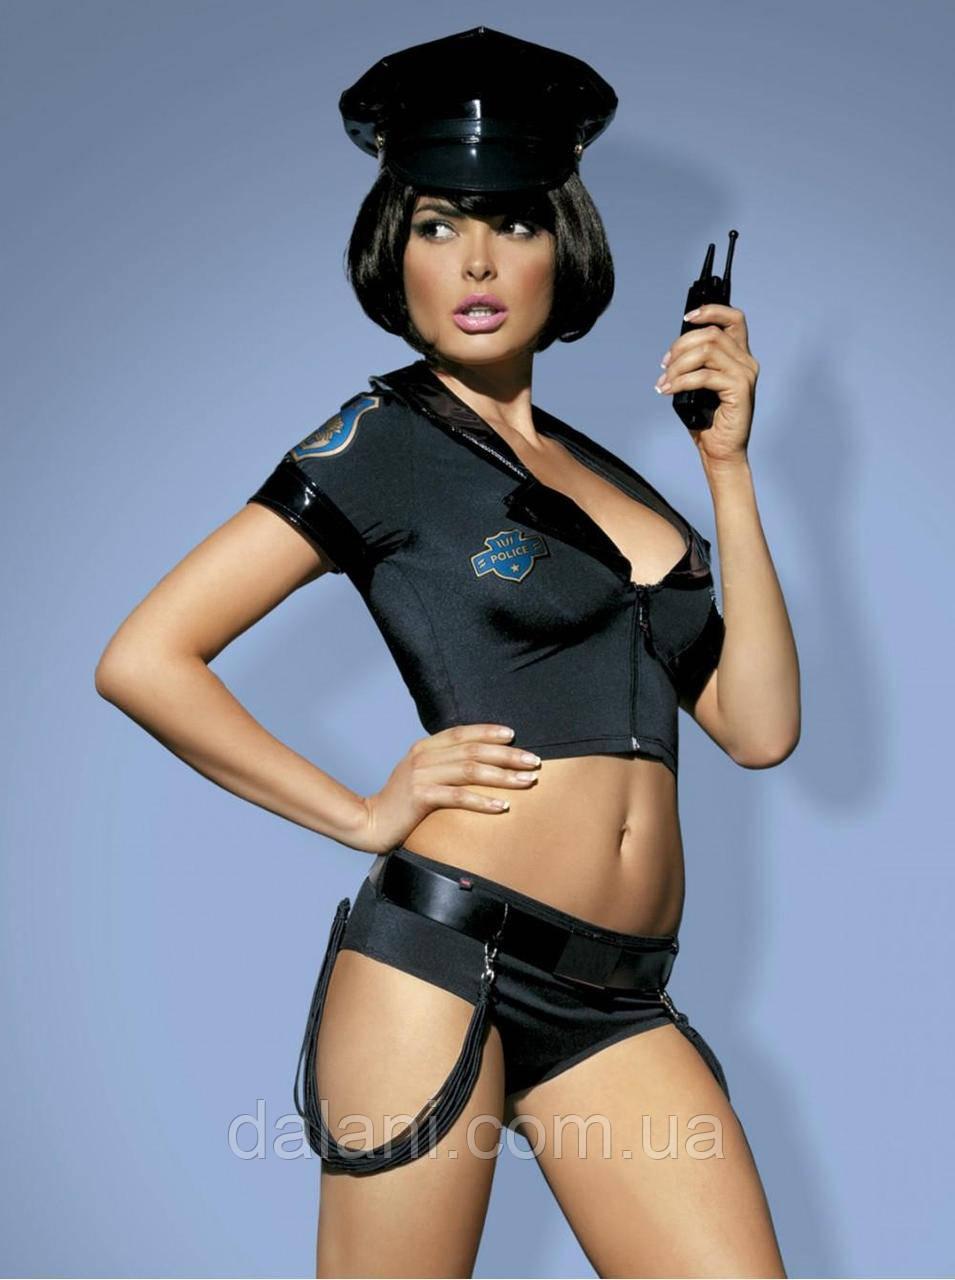 Женский костюм полицейской для взрослых игр